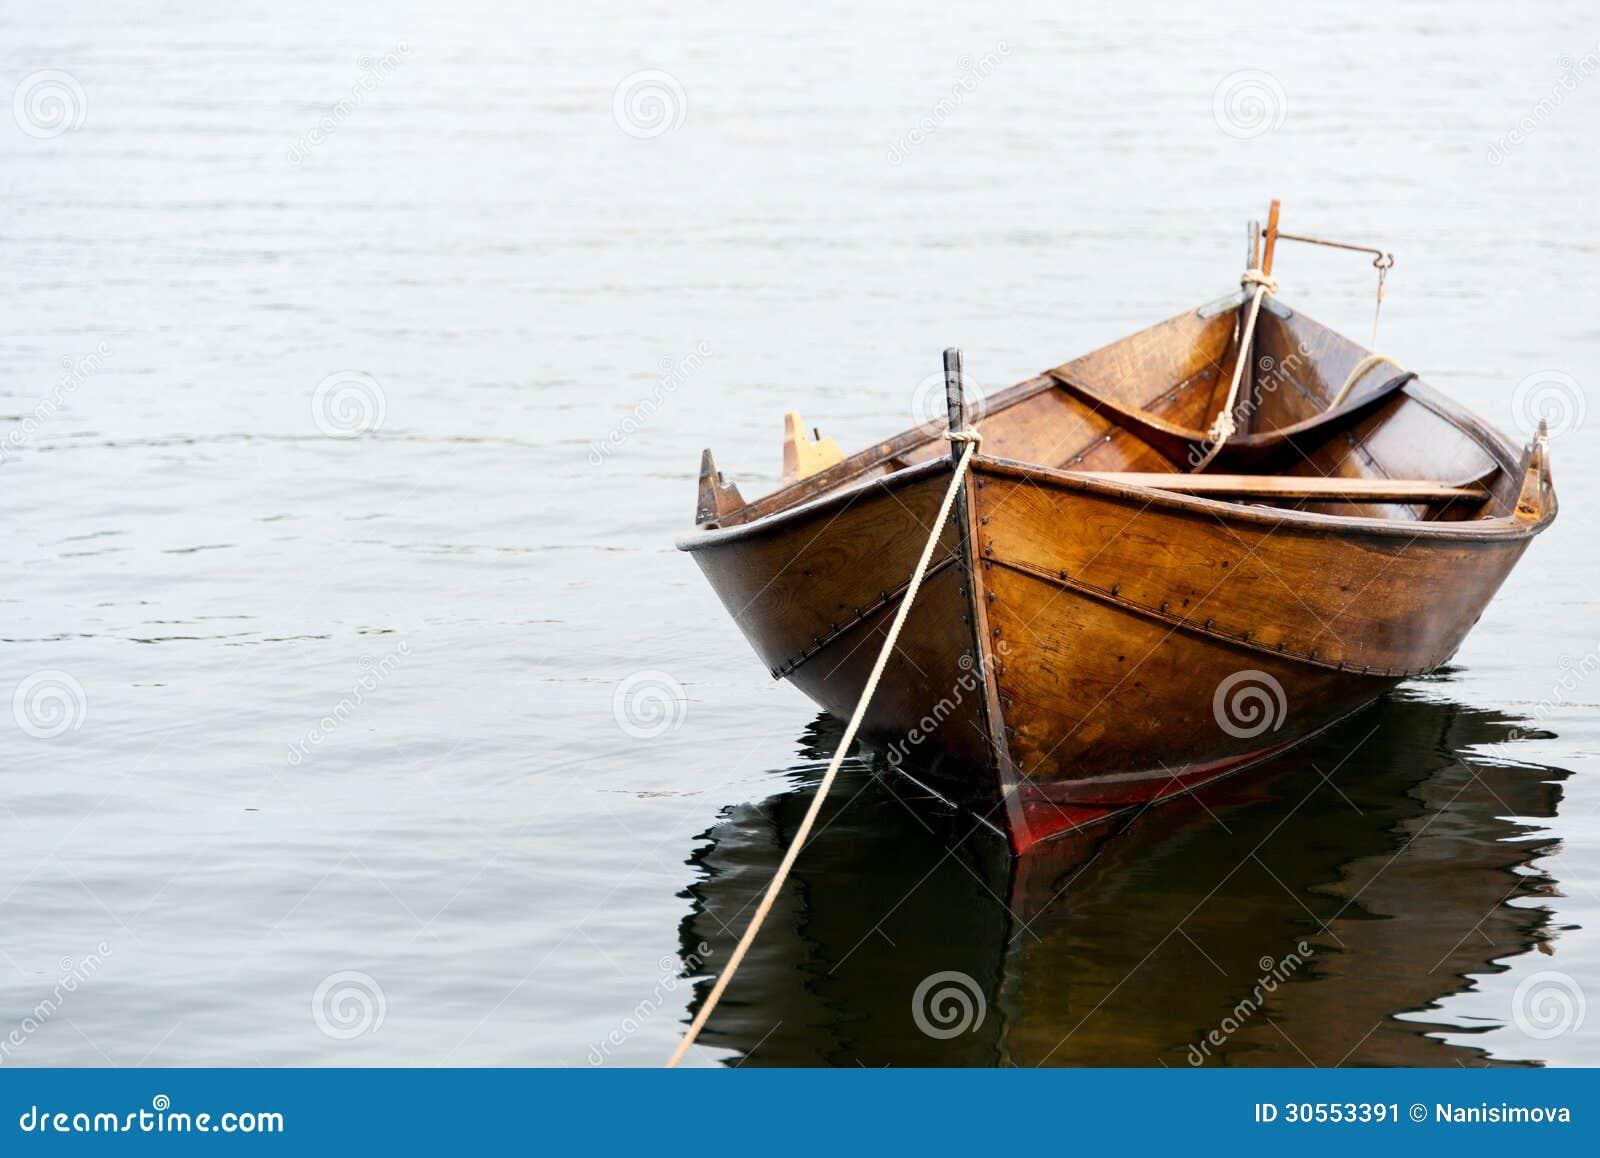 мужики на лодке дома